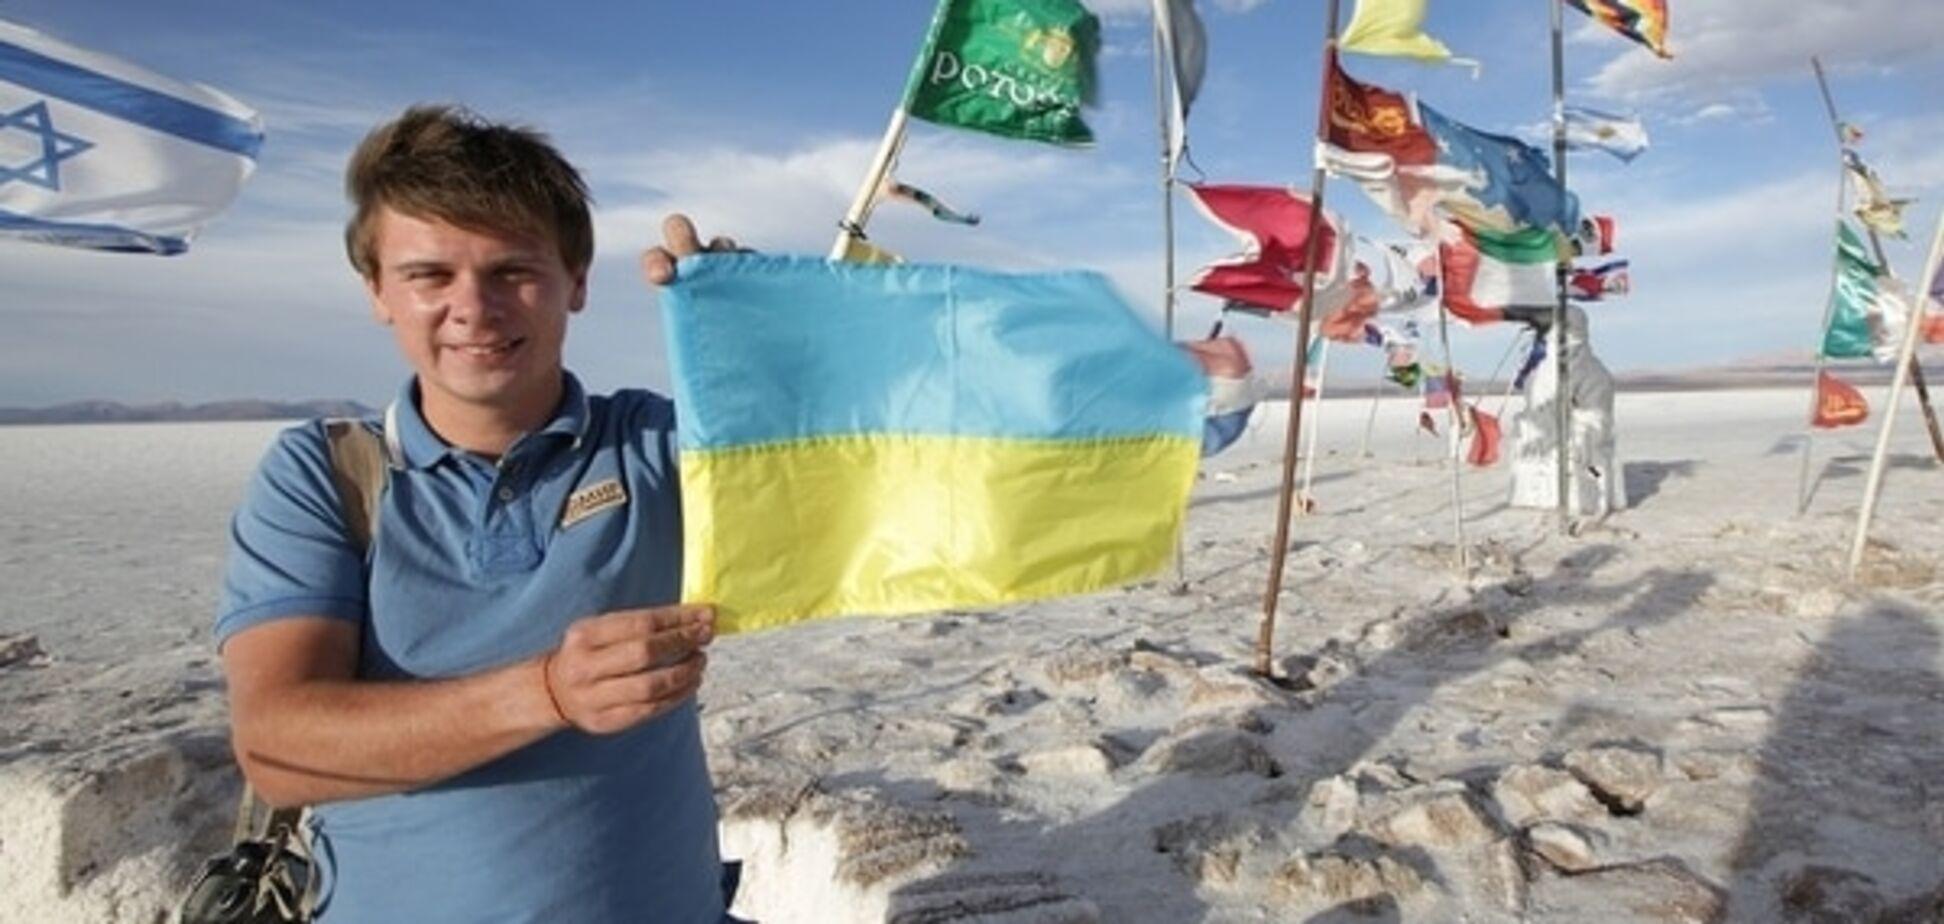 Украинцам грех на что-то жаловаться – путешественник Дмитрий Комаров